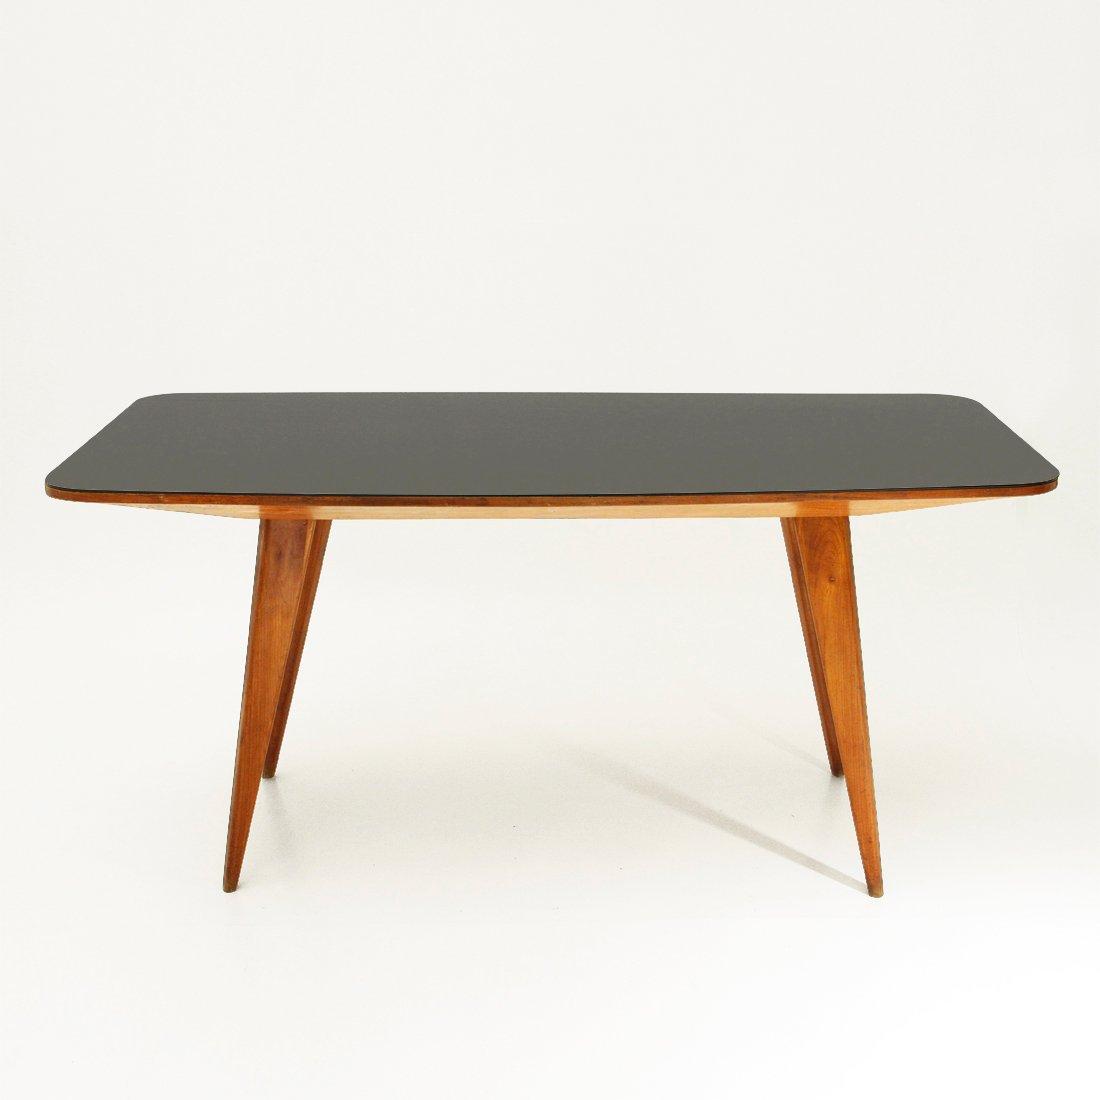 Table de salle manger en bois avec plateau en verre noir - Table salle a manger plateau verre ...